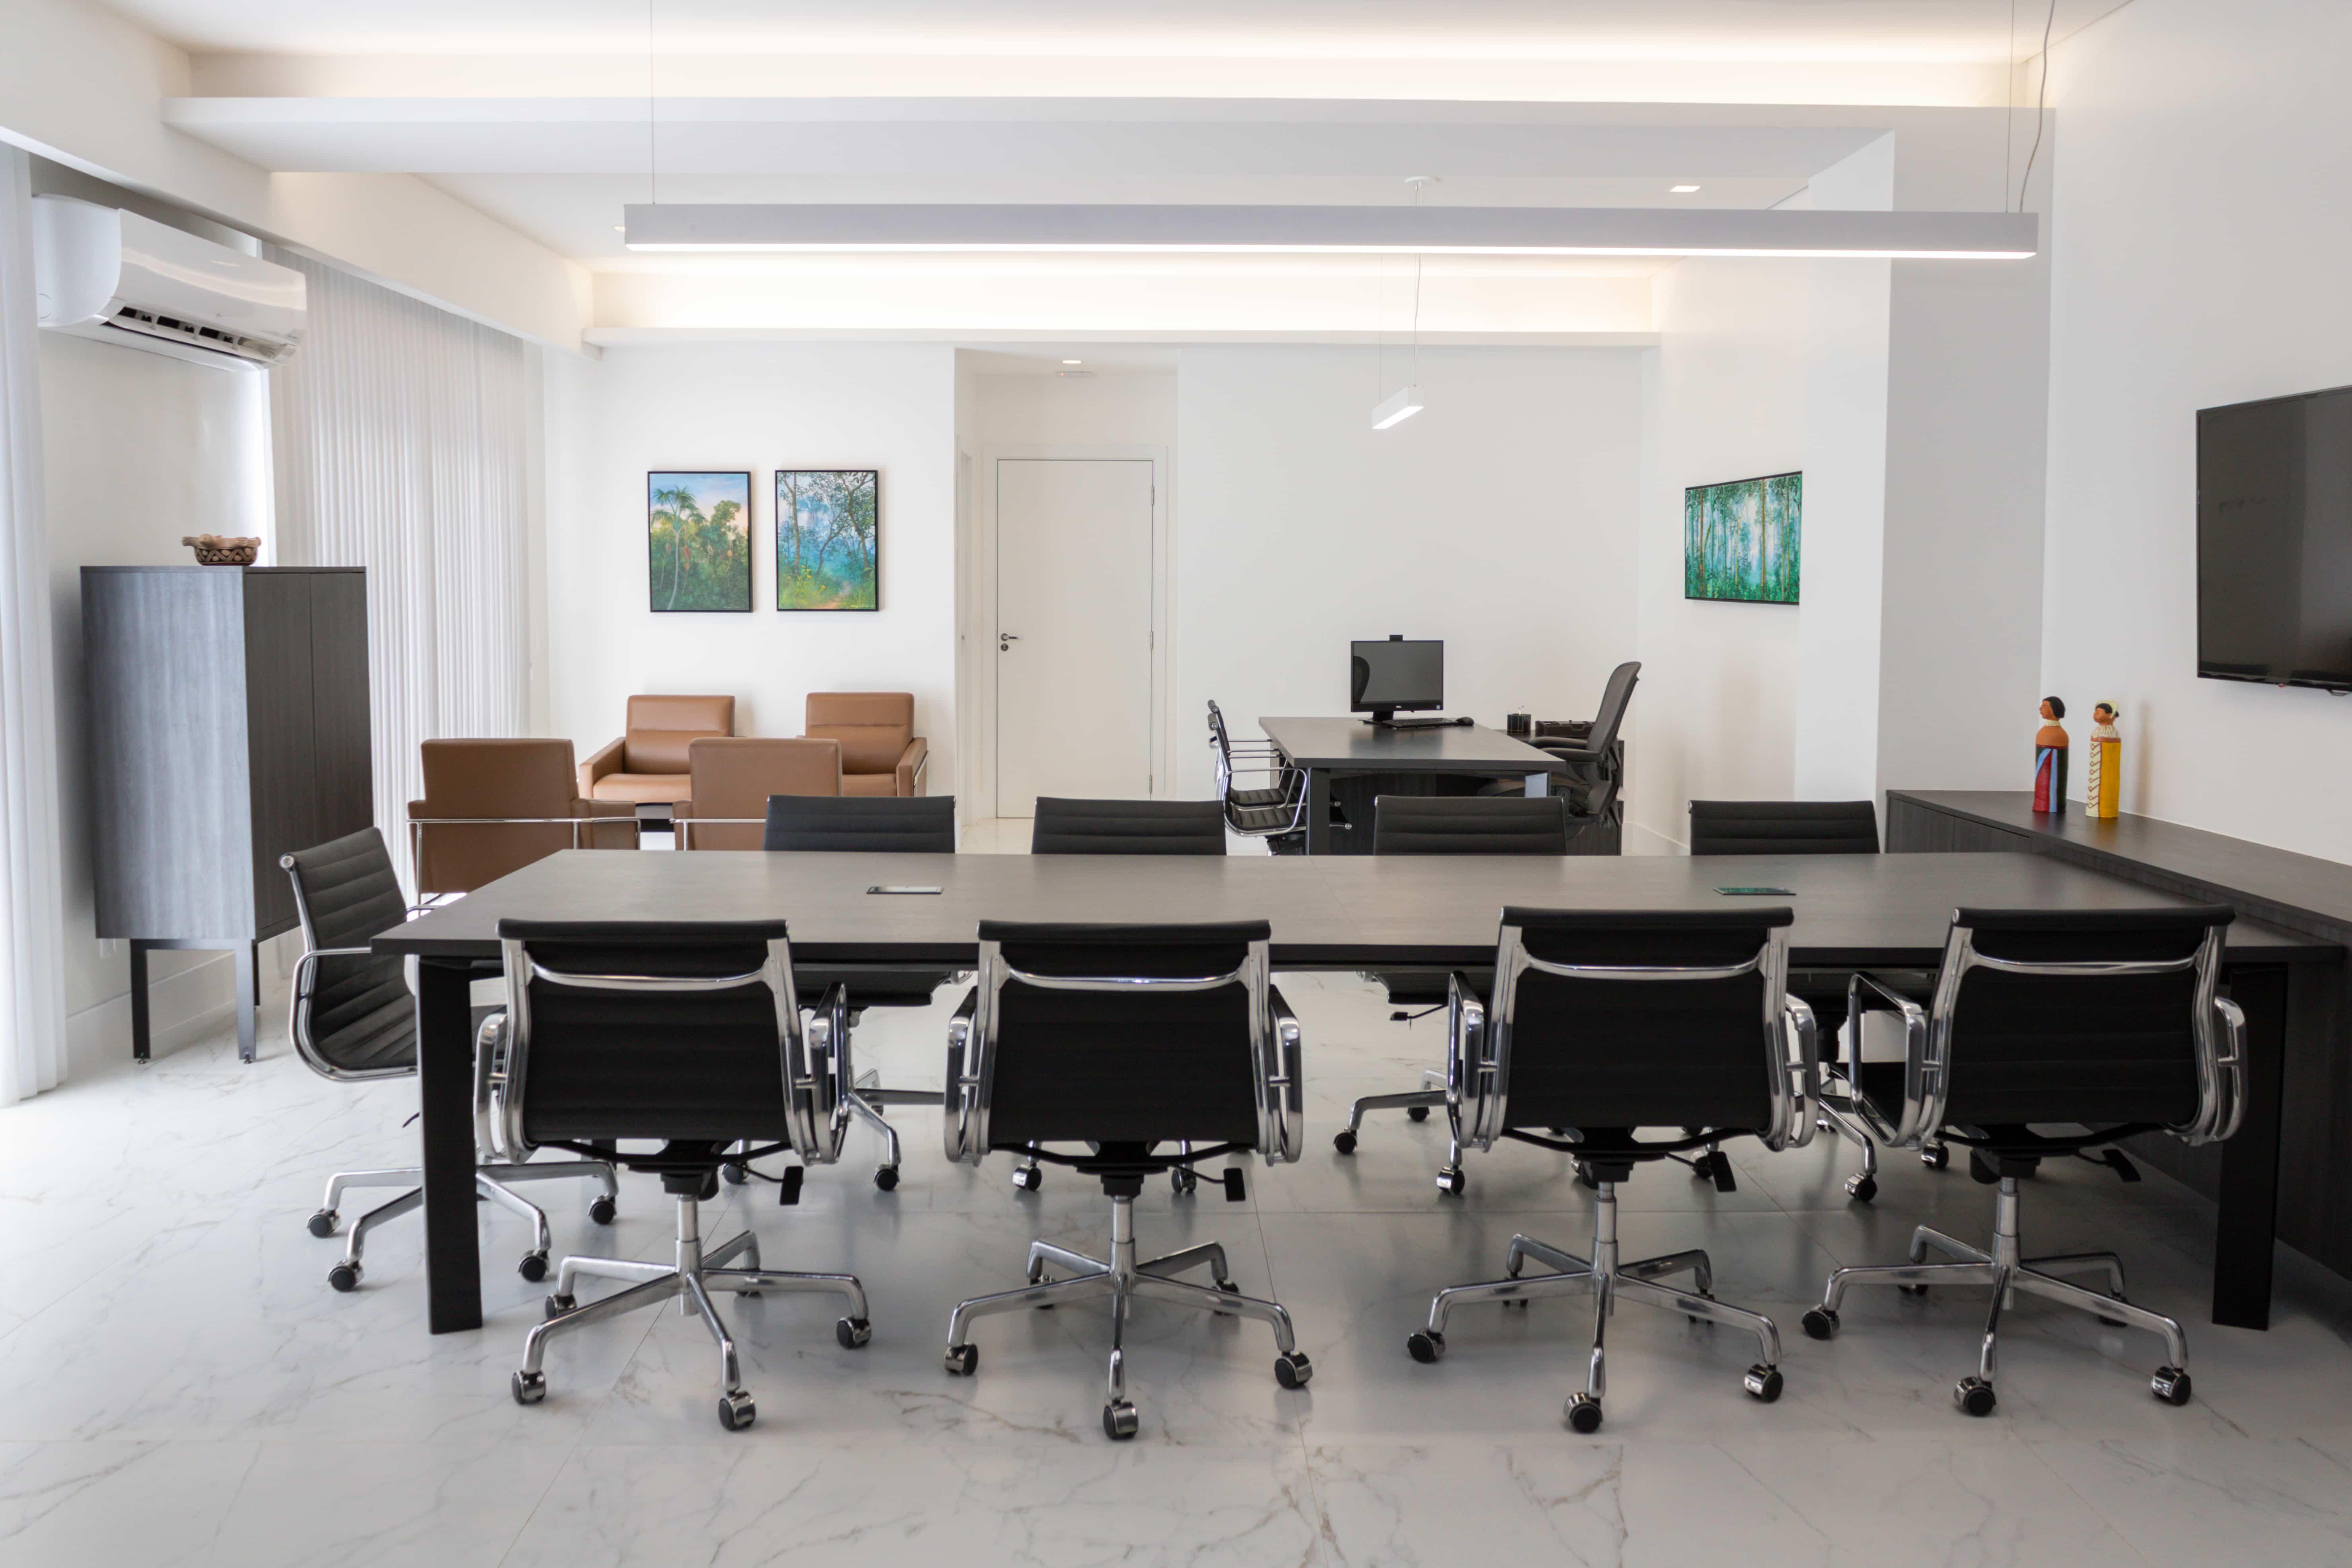 Sala da Presidência da Fecomércio - MT.